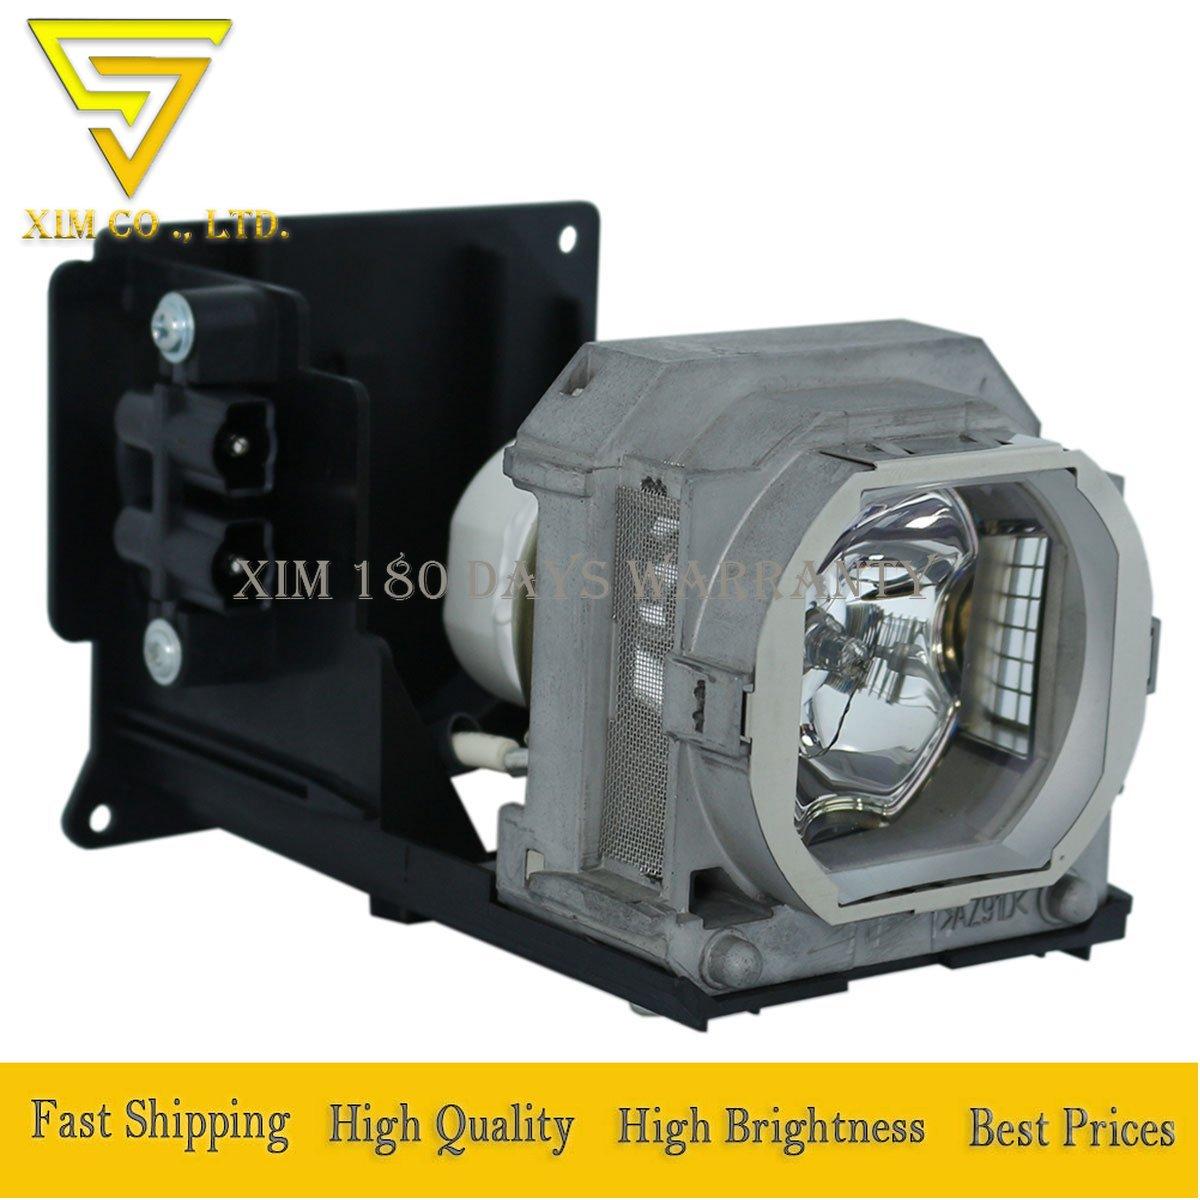 VLT-XL550LP Professional Replacement Projector Lamp Bulb With Mitsubishi XL550U XL1550 XL1550U XL550 LX-5280 XL1520 XL2550